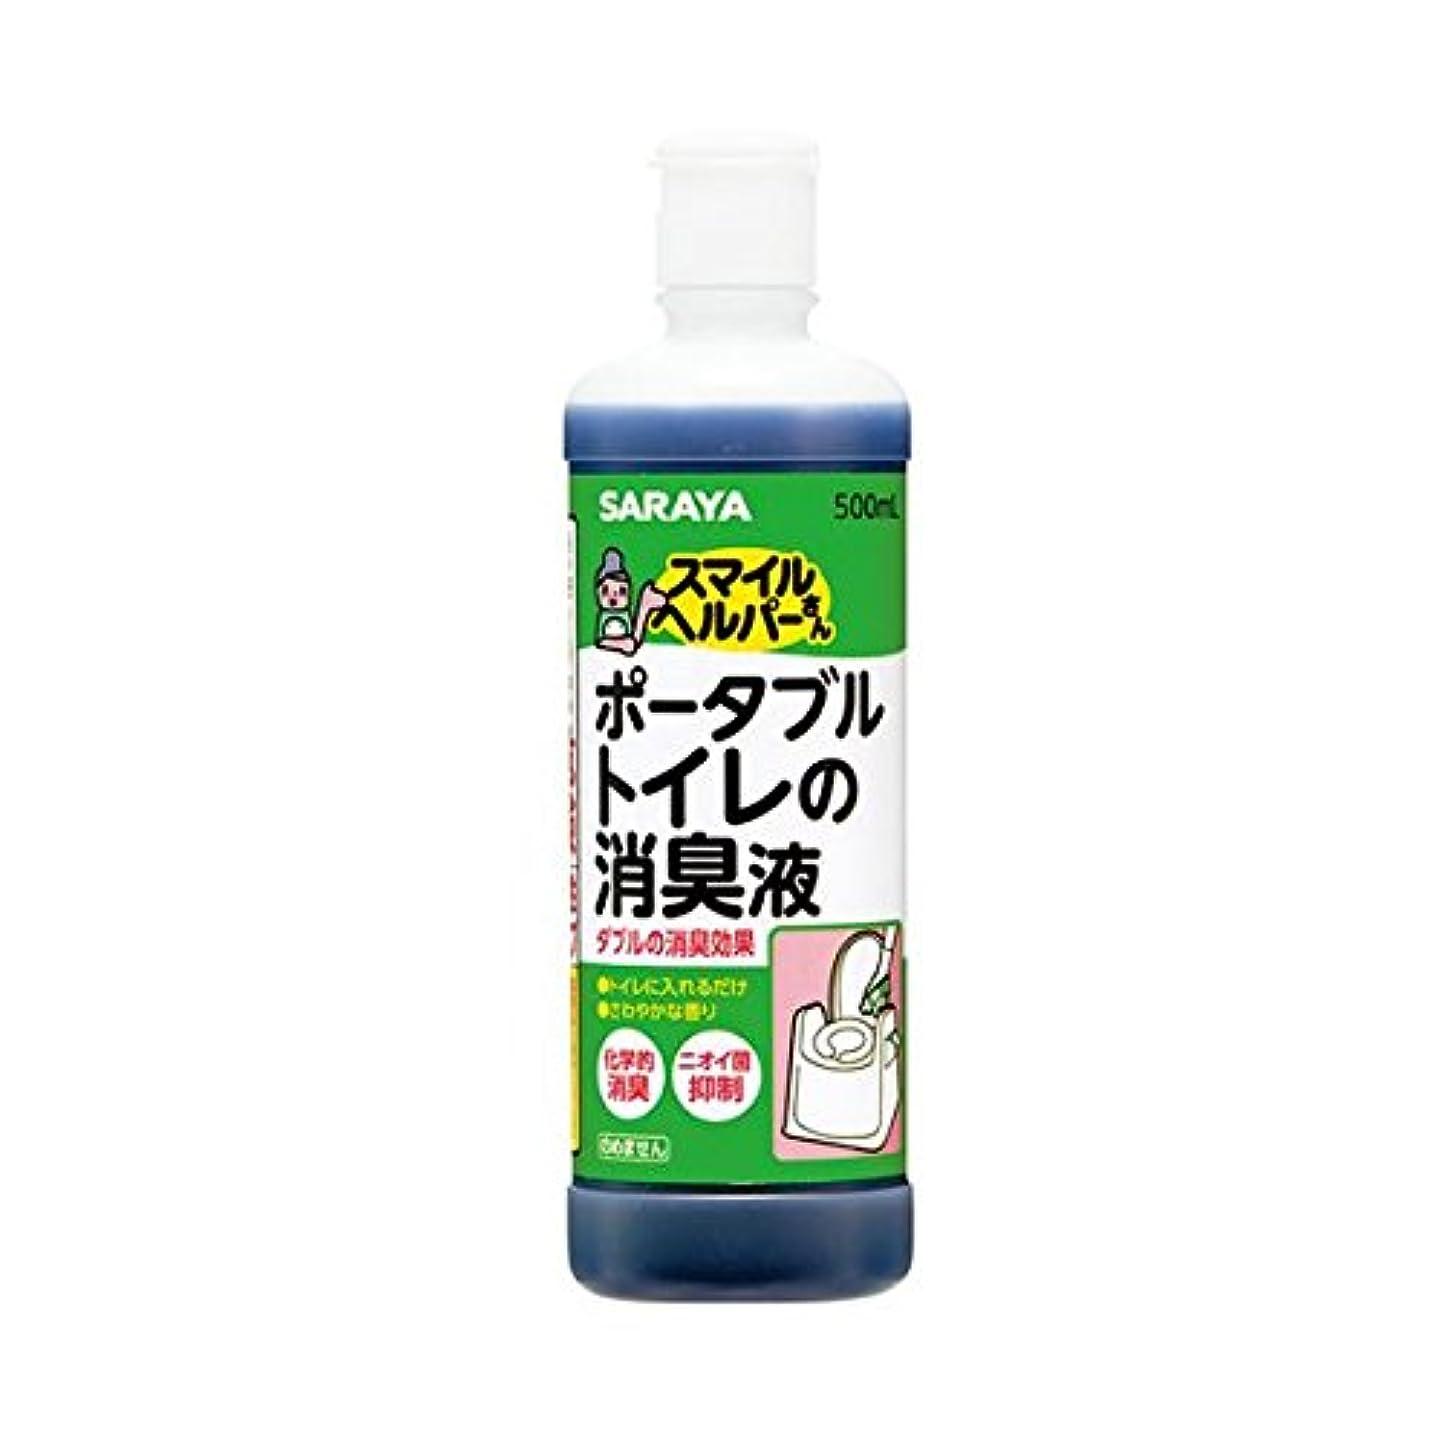 の量抑制依存する(業務用10セット) サラヤ SHポータブルトイレ消臭液 500ml ds-1913486